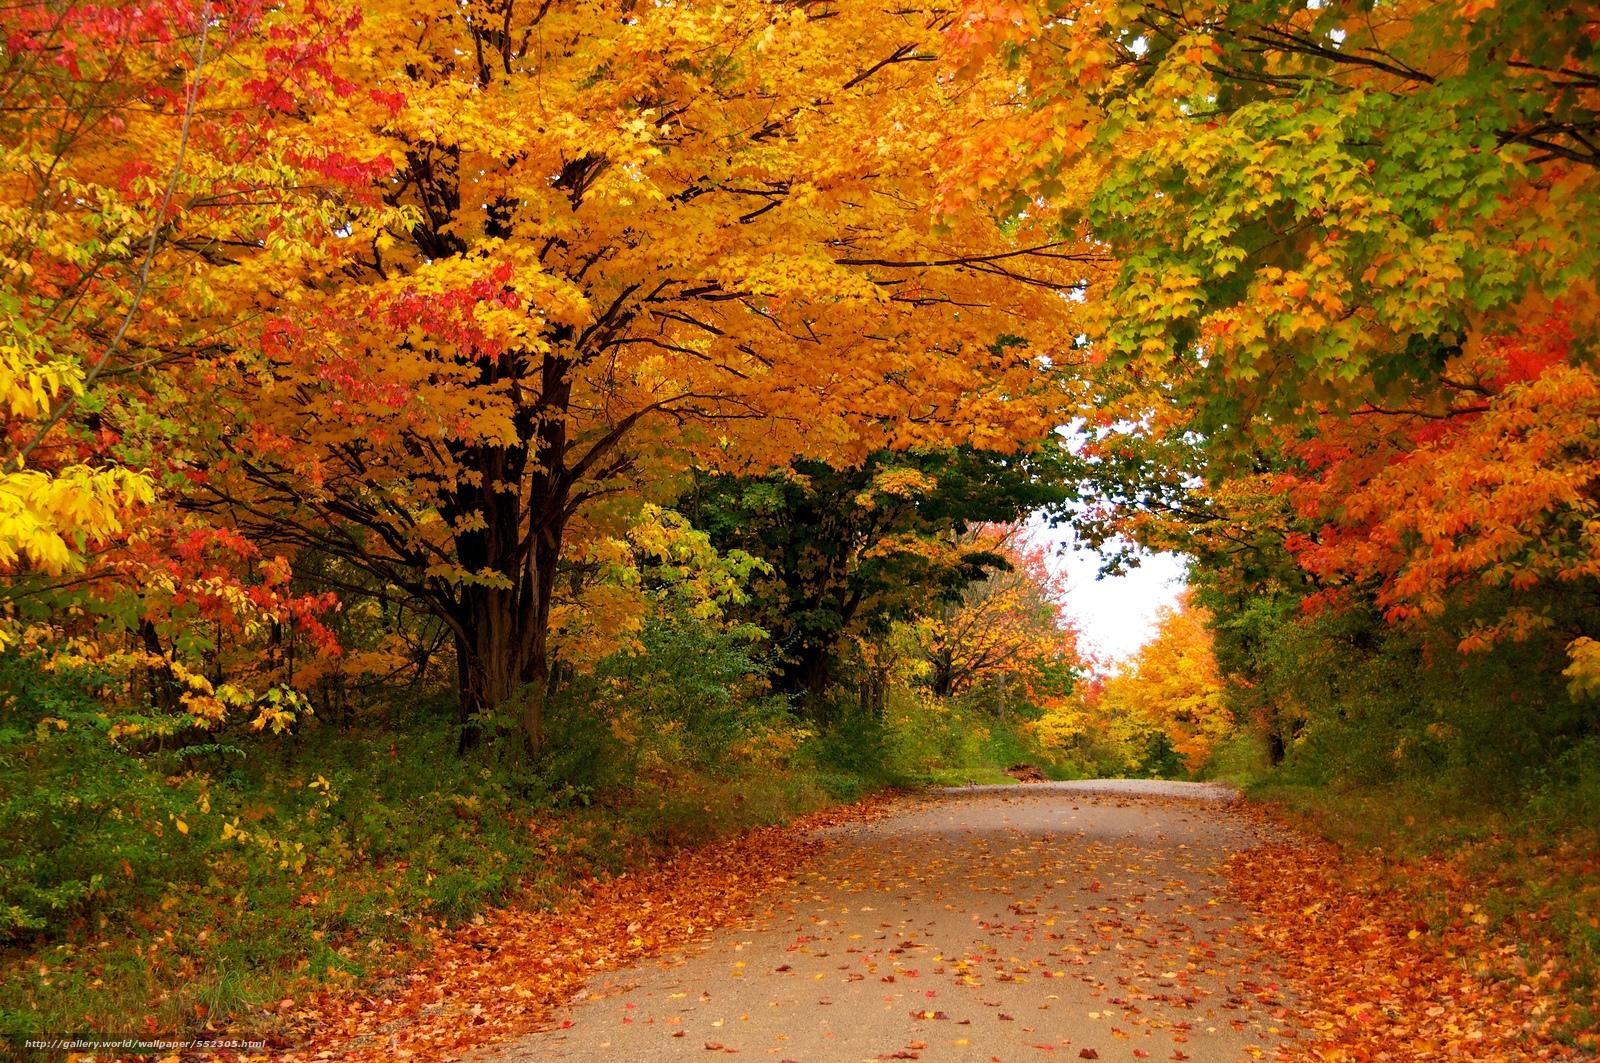 Scaricare gli sfondi autunno stradale alberi paesaggio for Autunno sfondi desktop